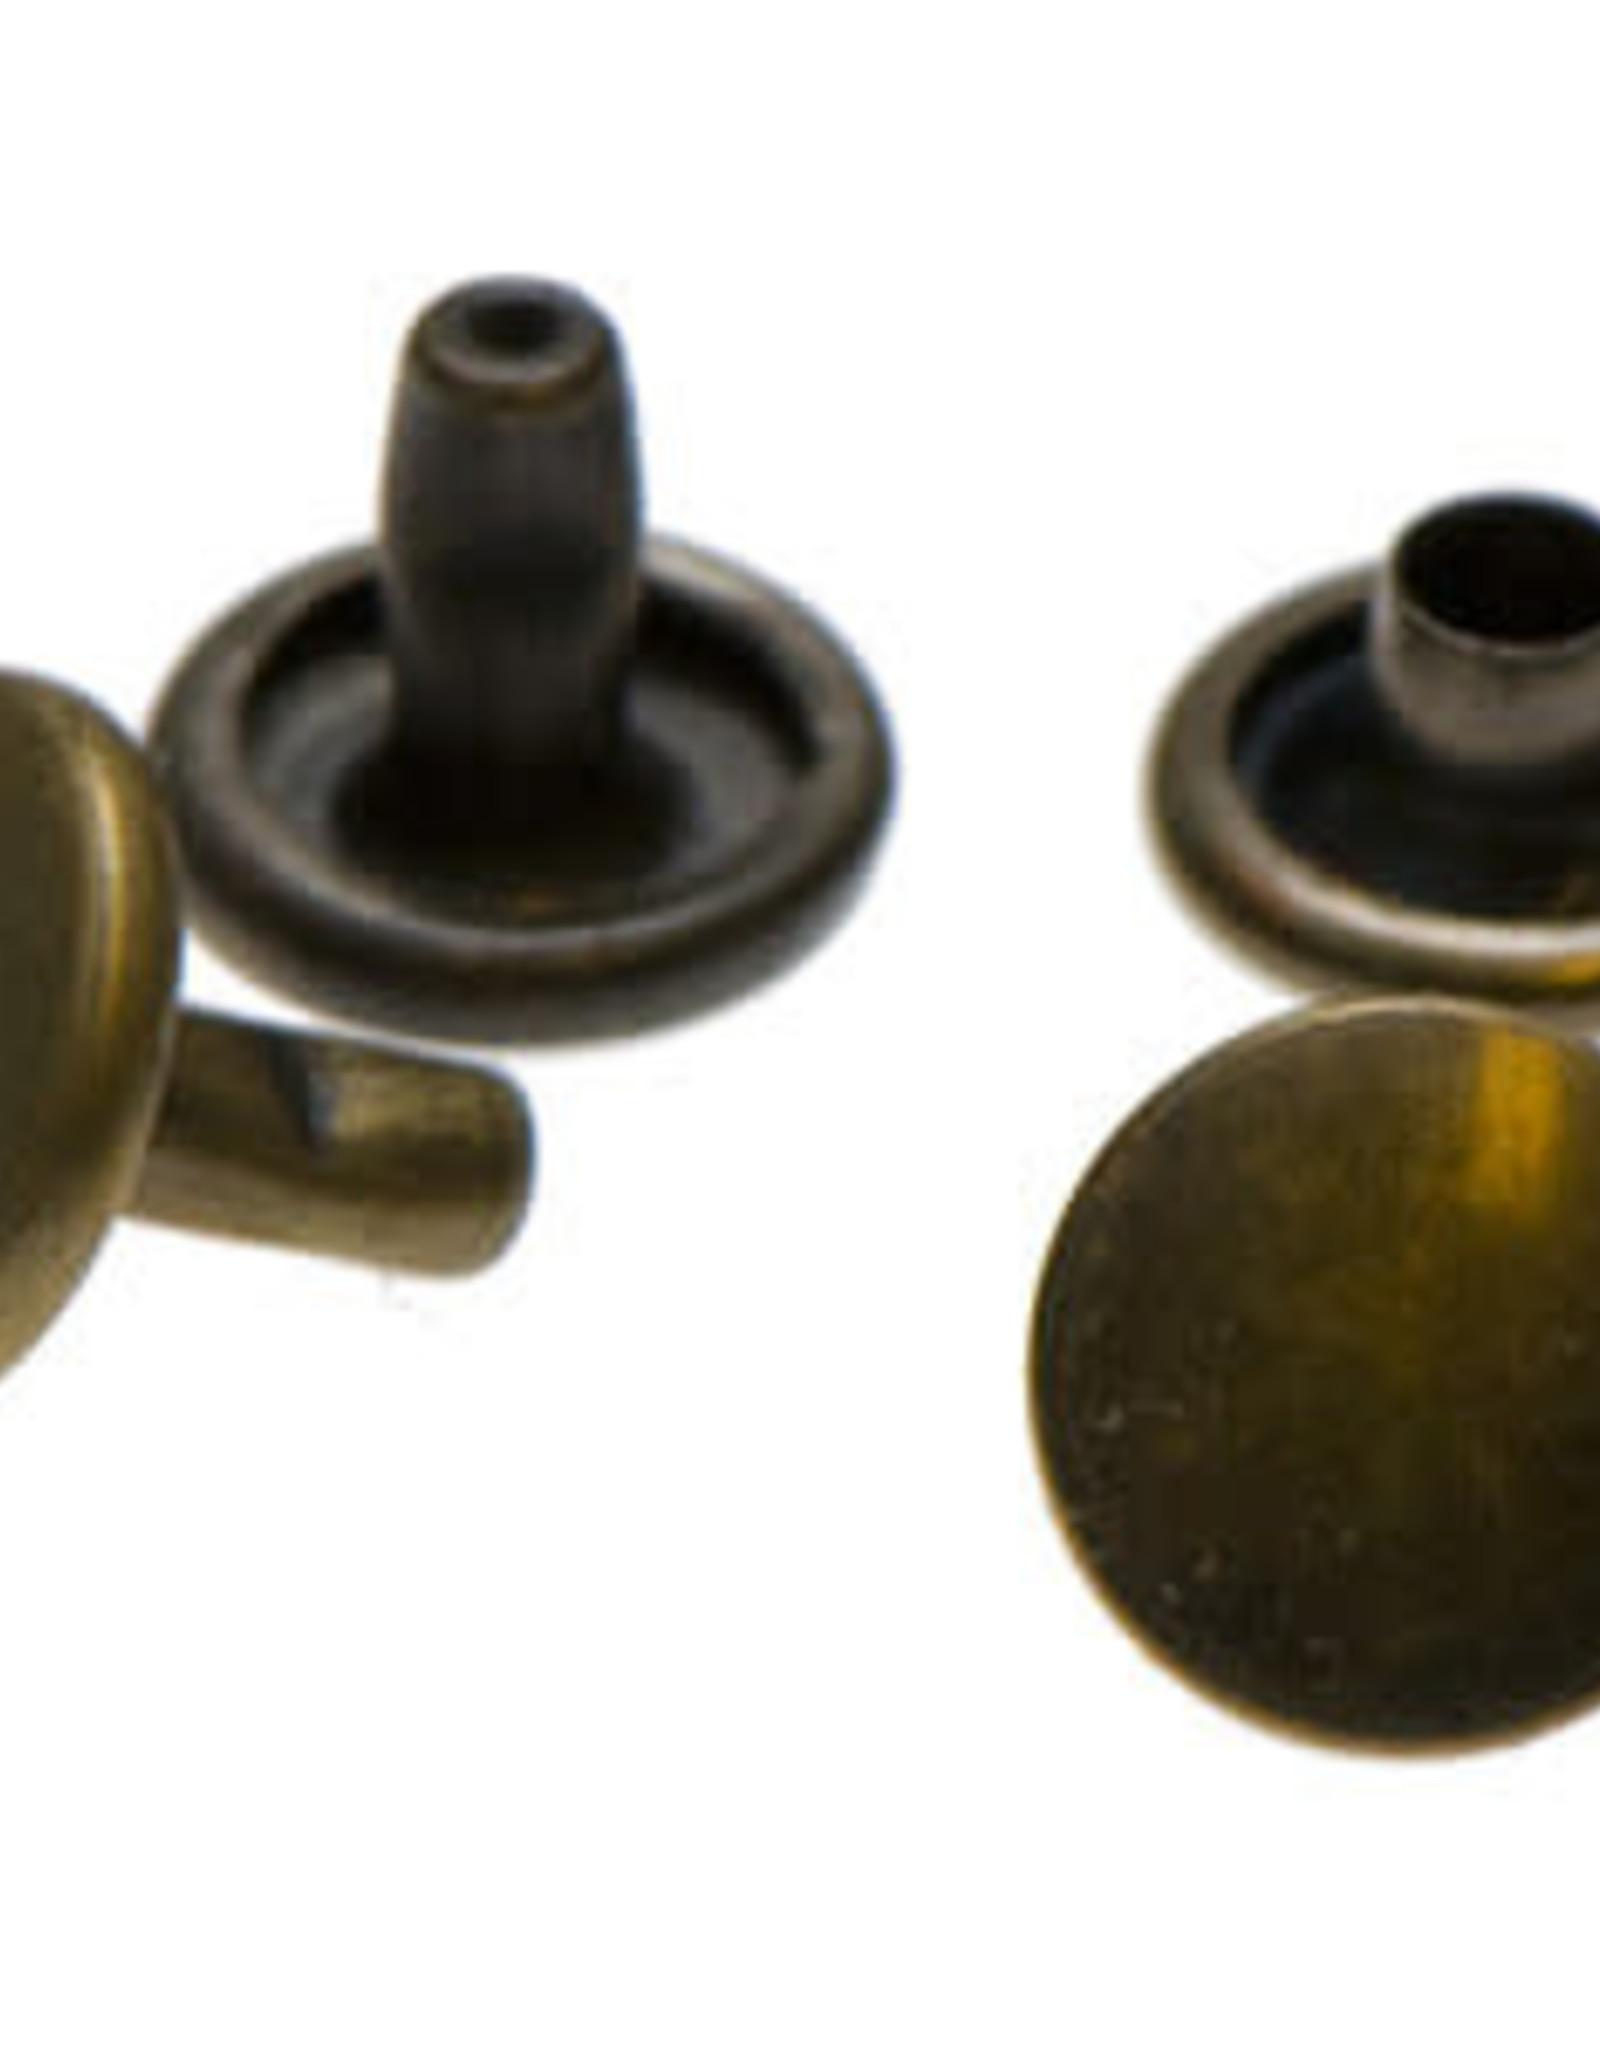 Holnieten 9mm - Brons - 10 stuks - DUBBELE KOP